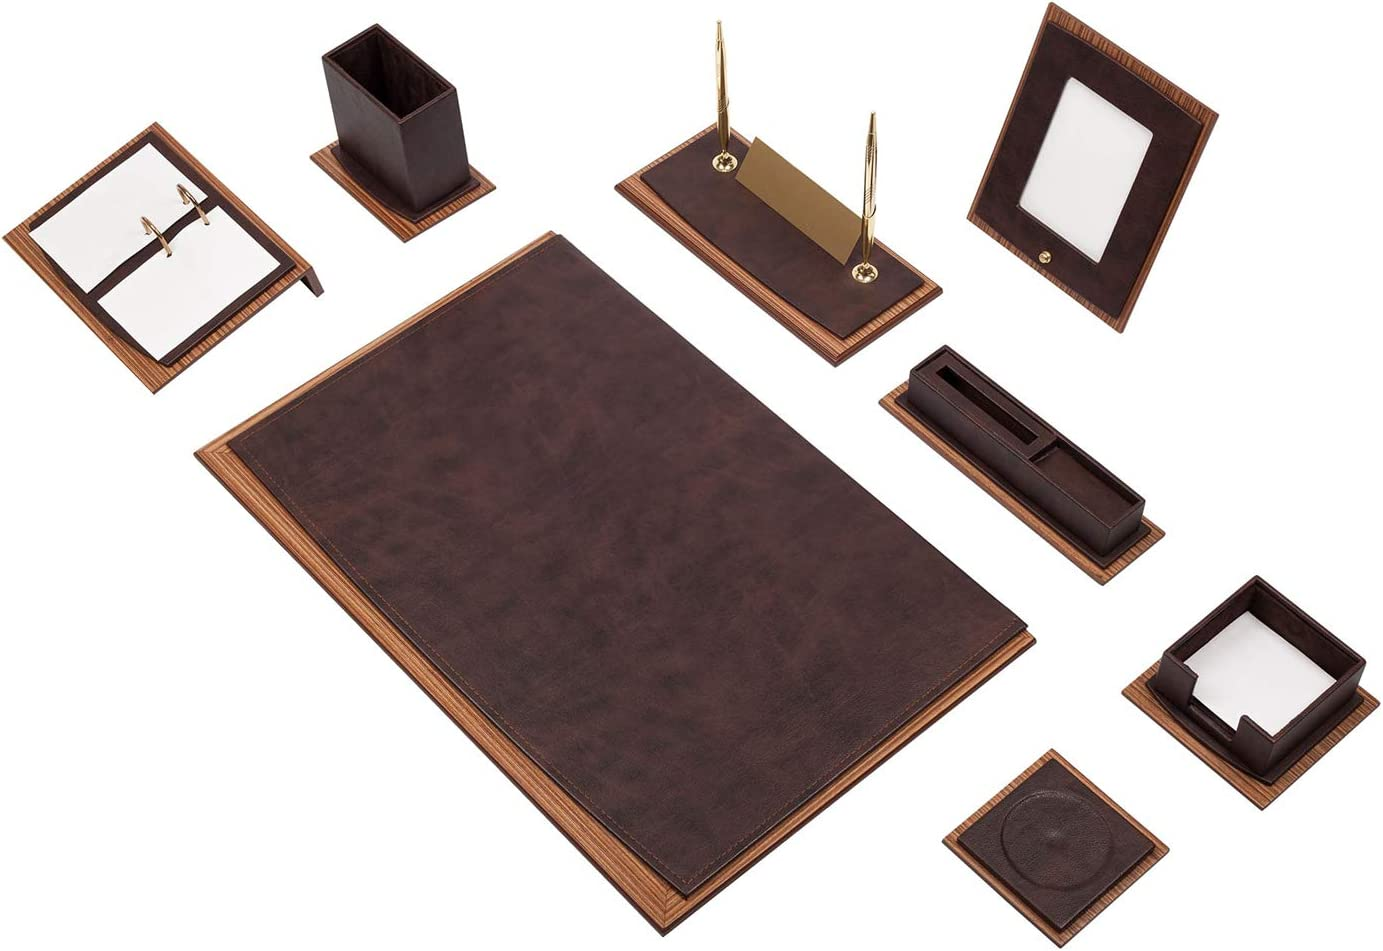 Nurdanil Zenia 12 tlg B/üro Schreibtisch Set Leder und Tisch Namensschild aus Metall mit Doppelschichtiges A4-Dokumentenregal Farbe Wei/ß